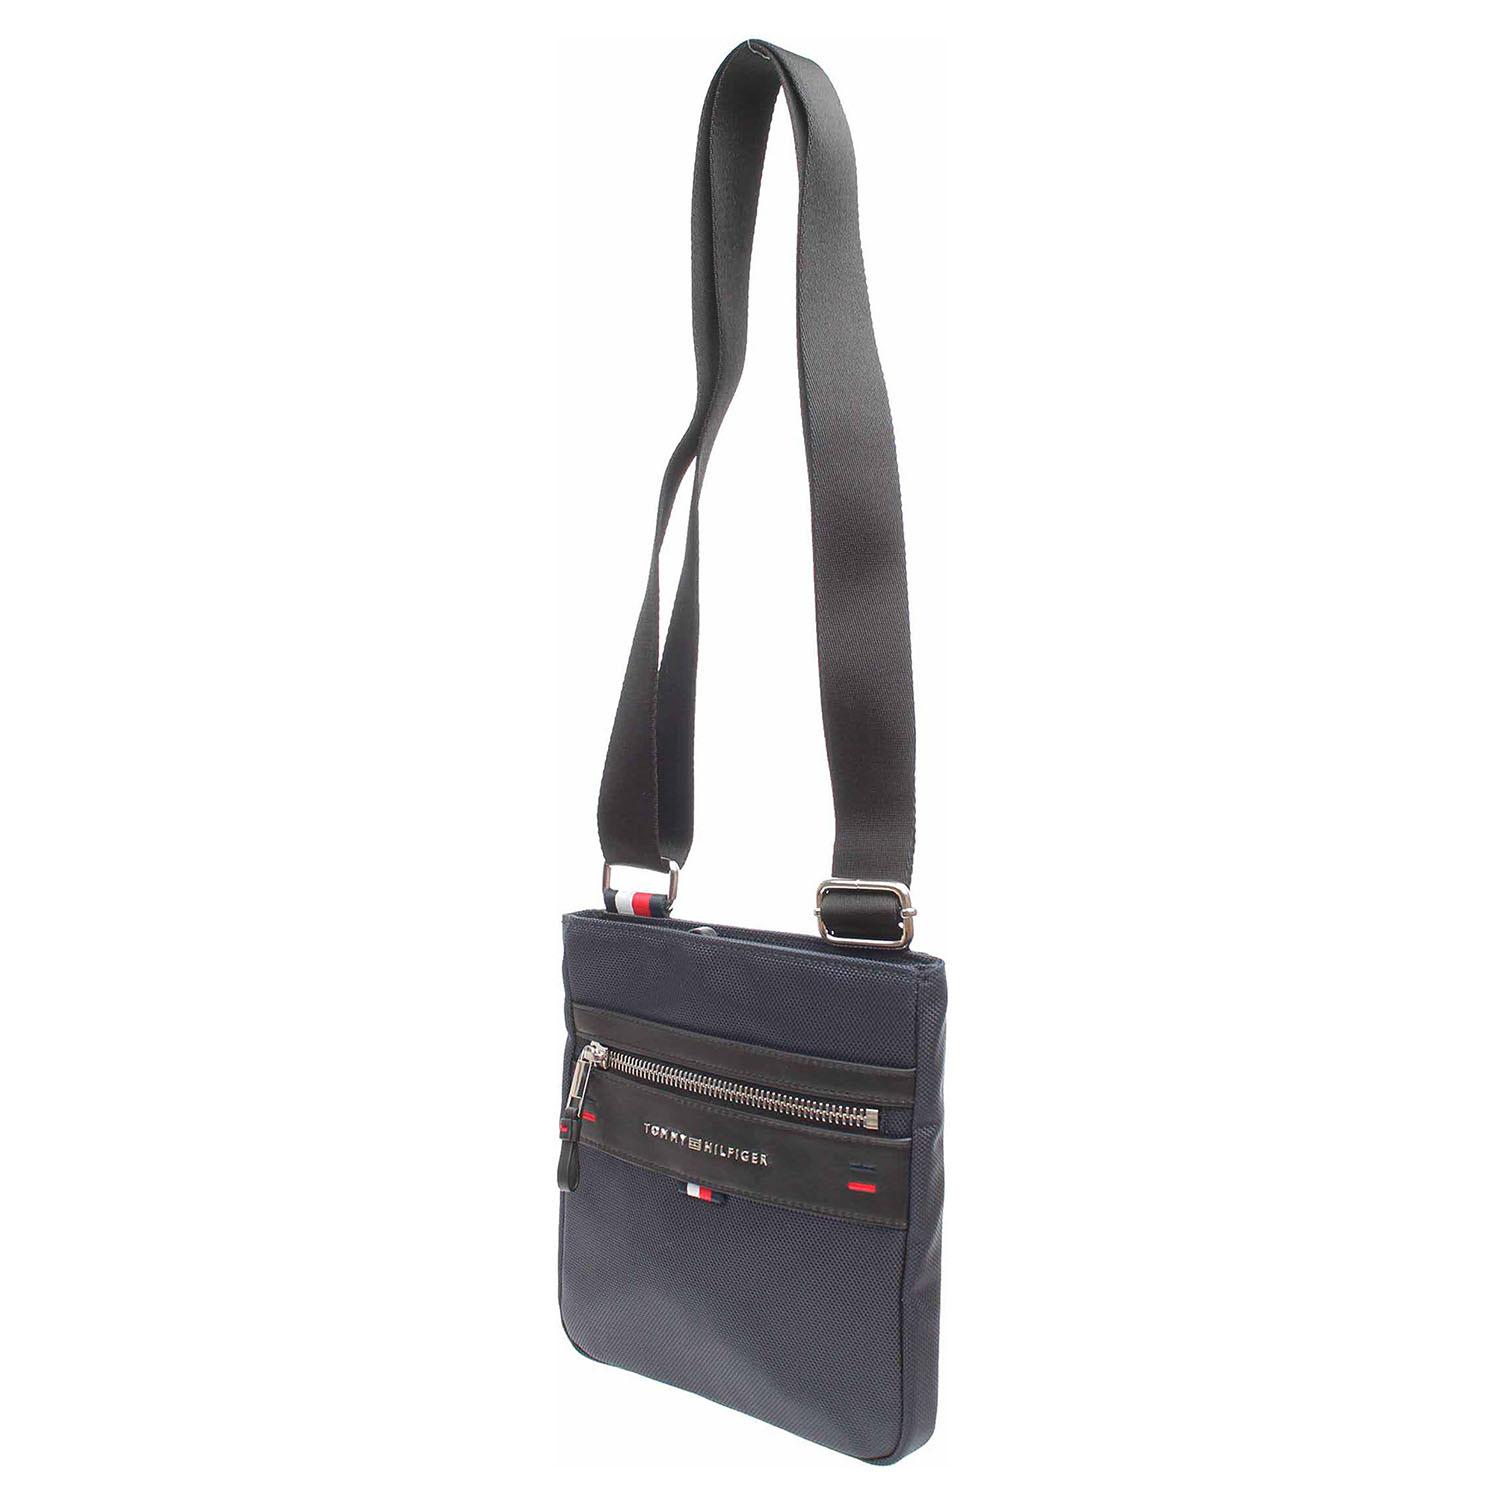 Ecco Tommy Hilfiger pánská taška AM0AM02965 tommy navy 10701201 5674d4527ff